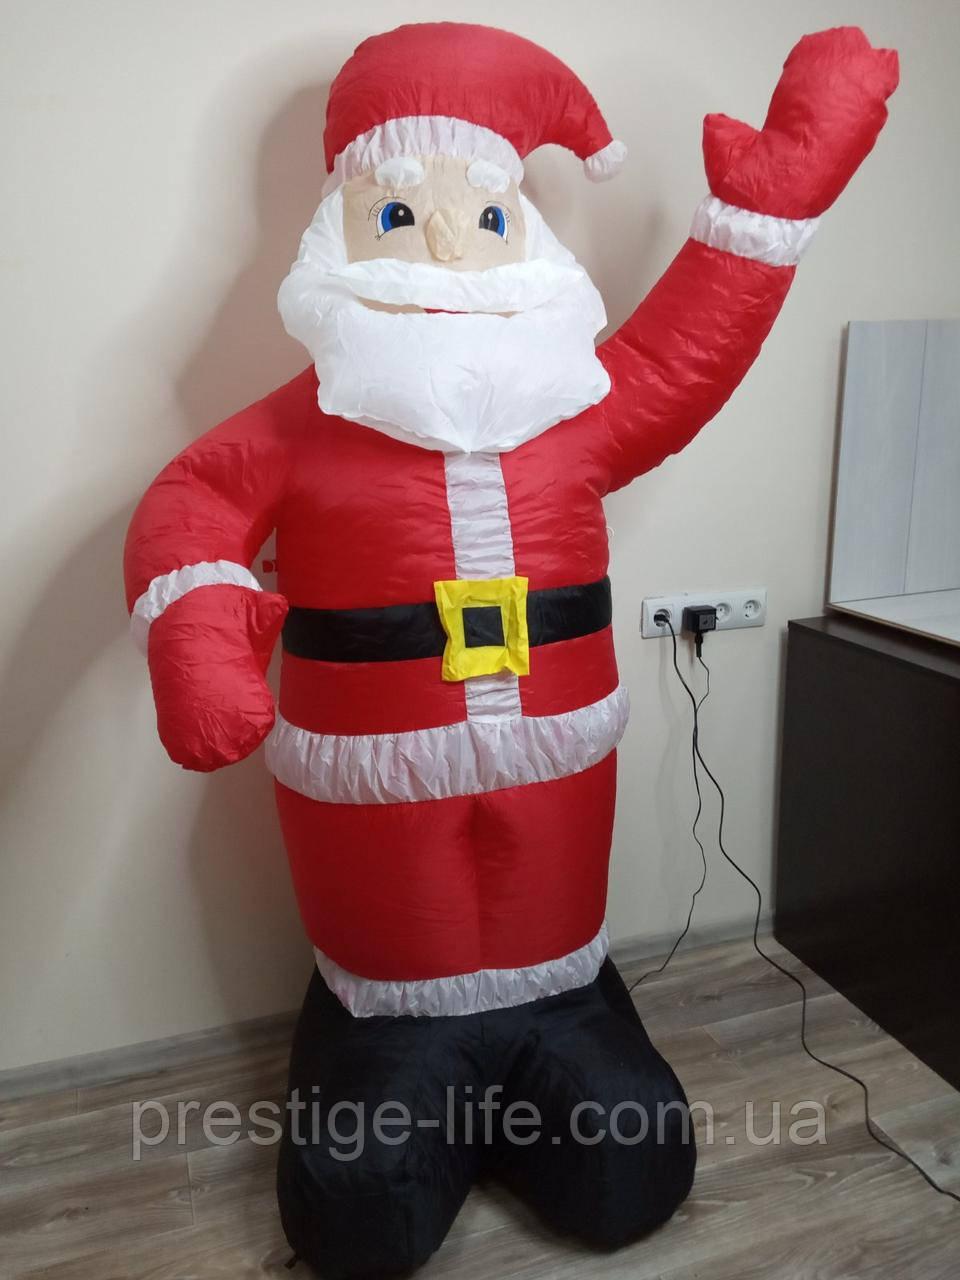 Надувной Дед Мороз 1.8 метра ( Светится в темноте)